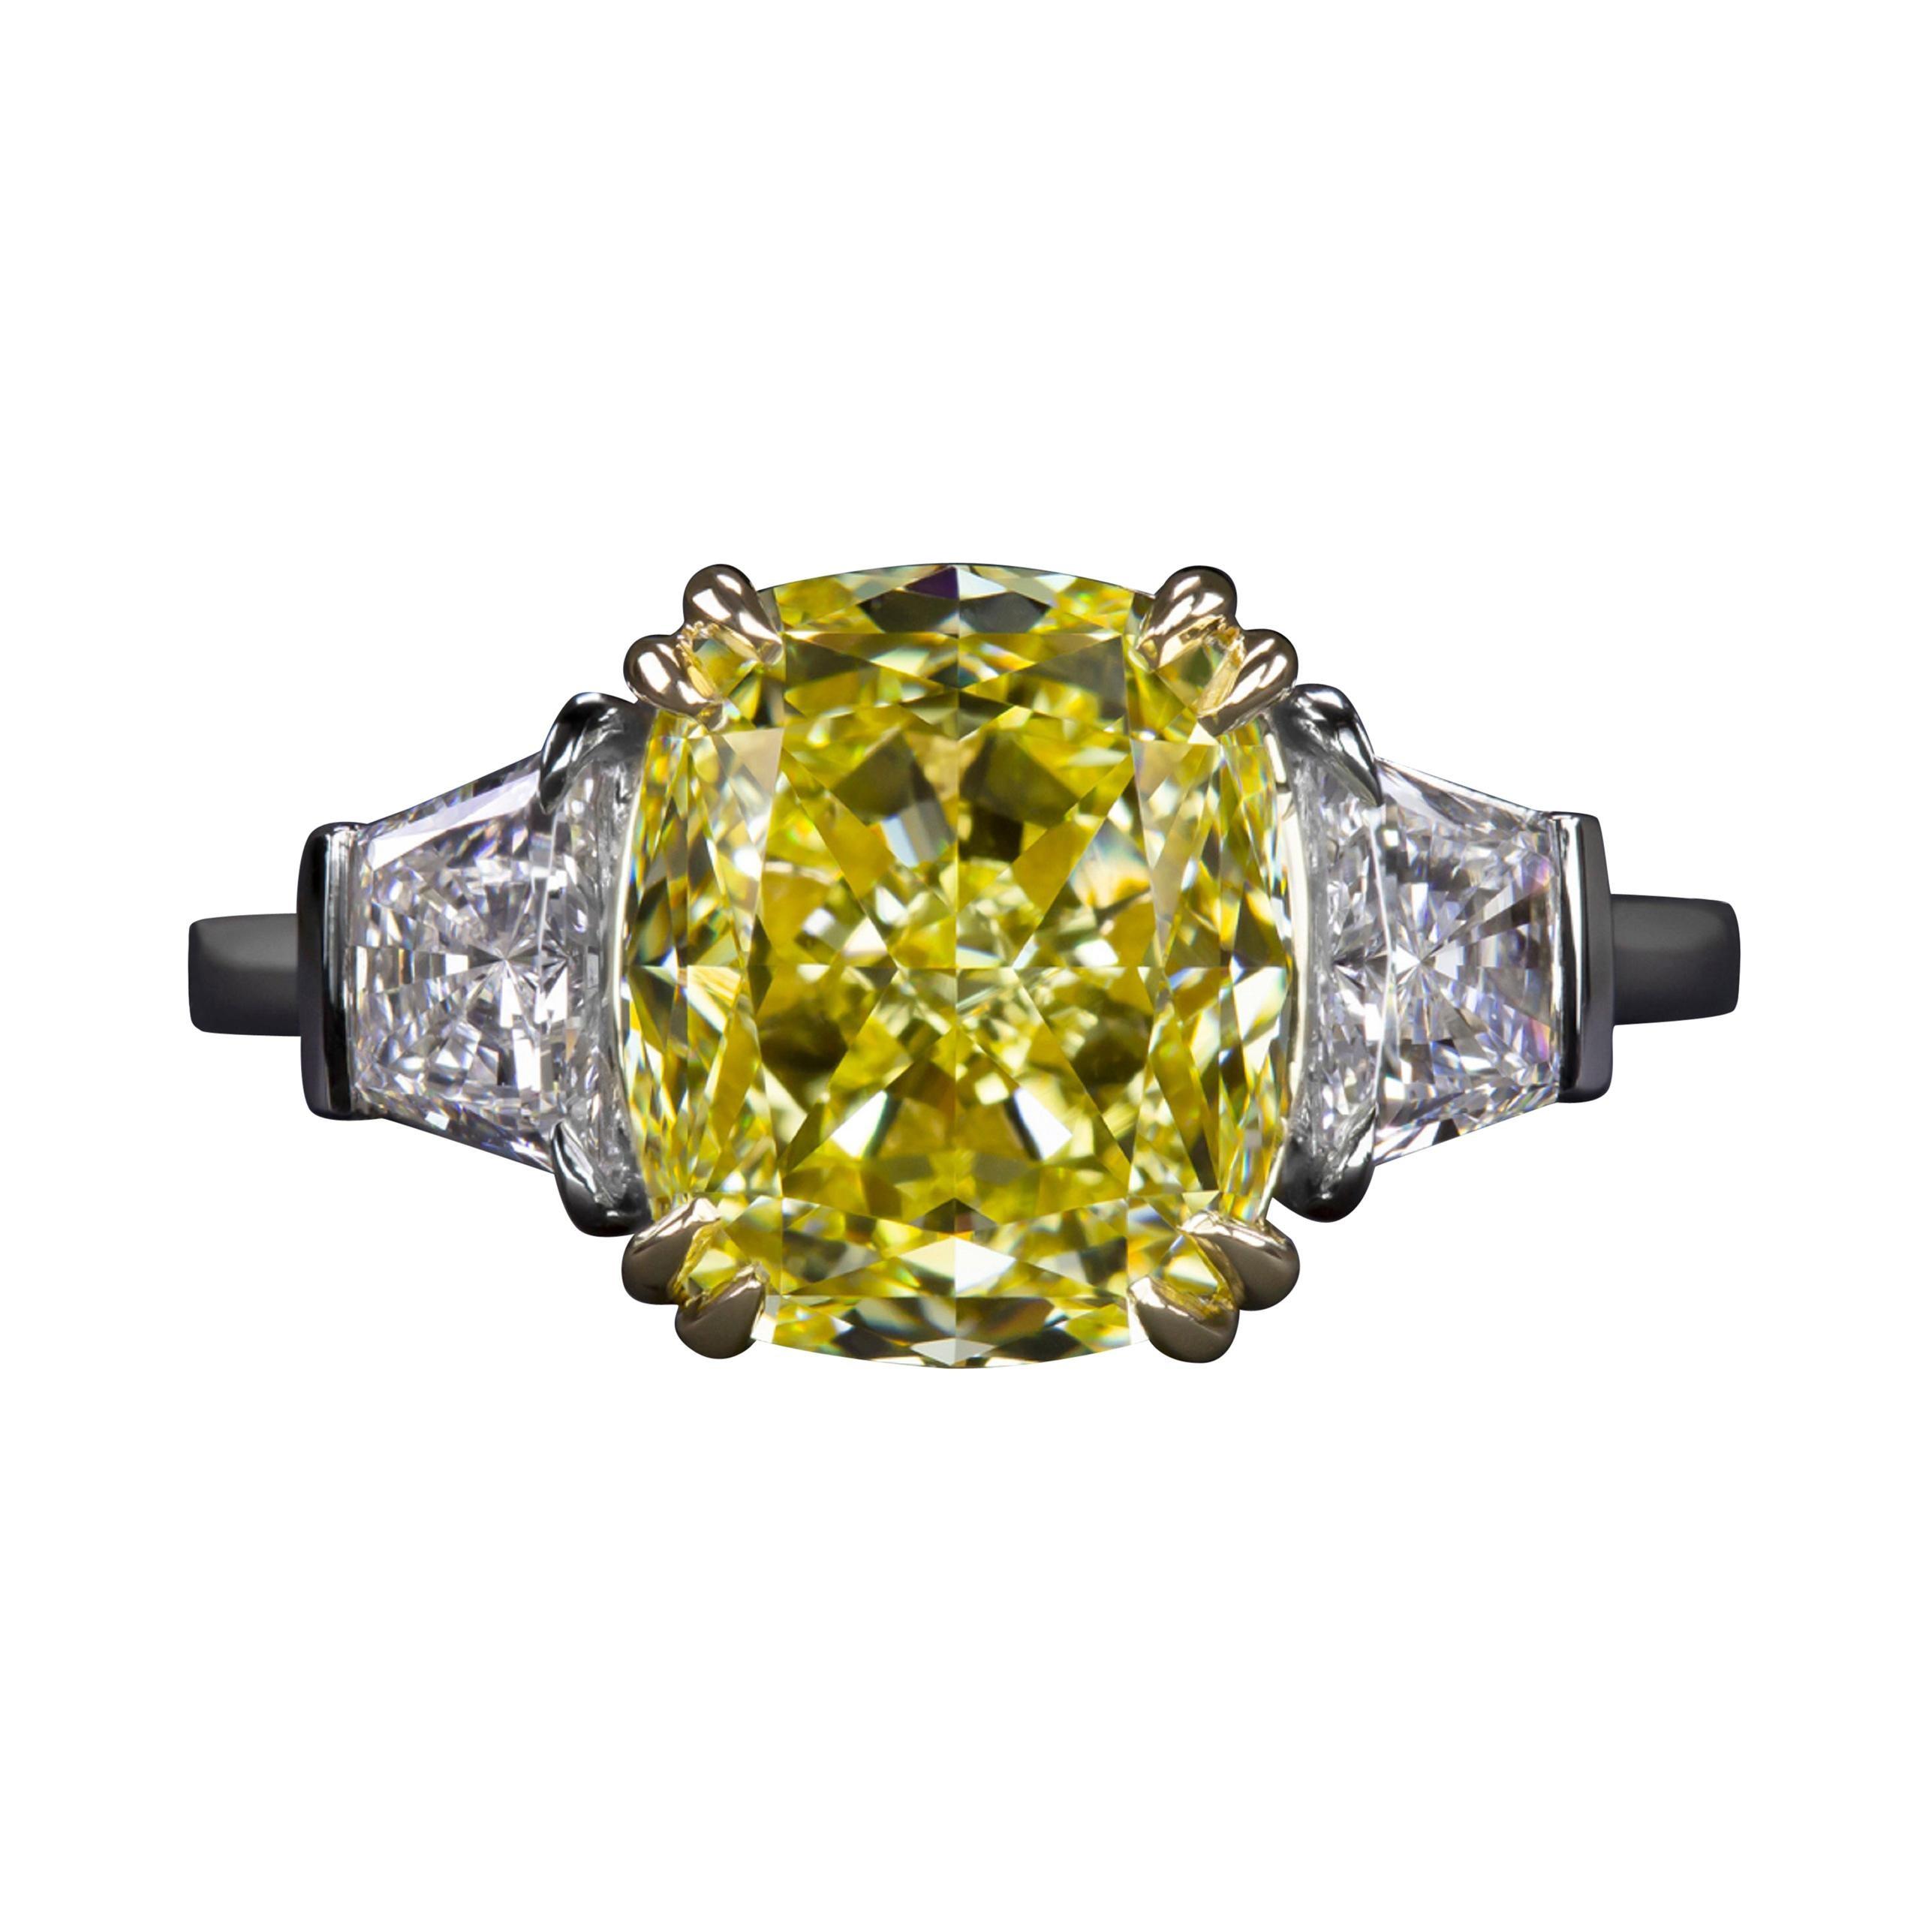 GIA Certified 3.50 Carat Fancy Vivid Yellow Cushion Diamond Platinum Ring